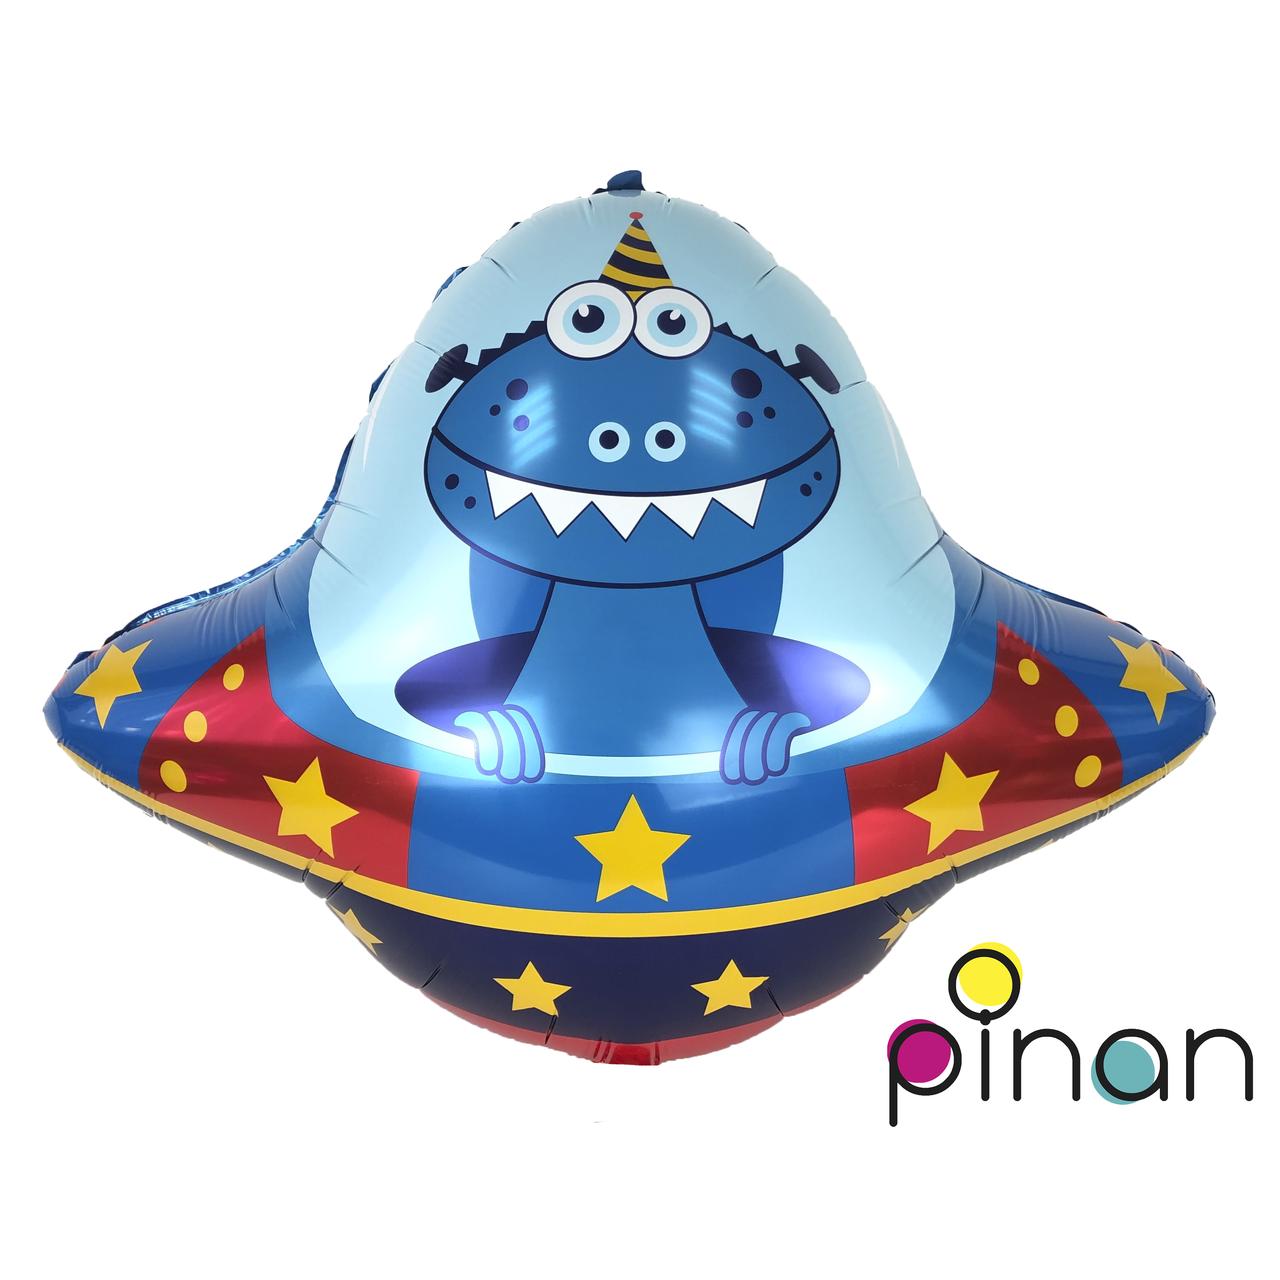 Фольгированный шар 35' Pinan Космос Летающая тарелка в упаковке, 88 см